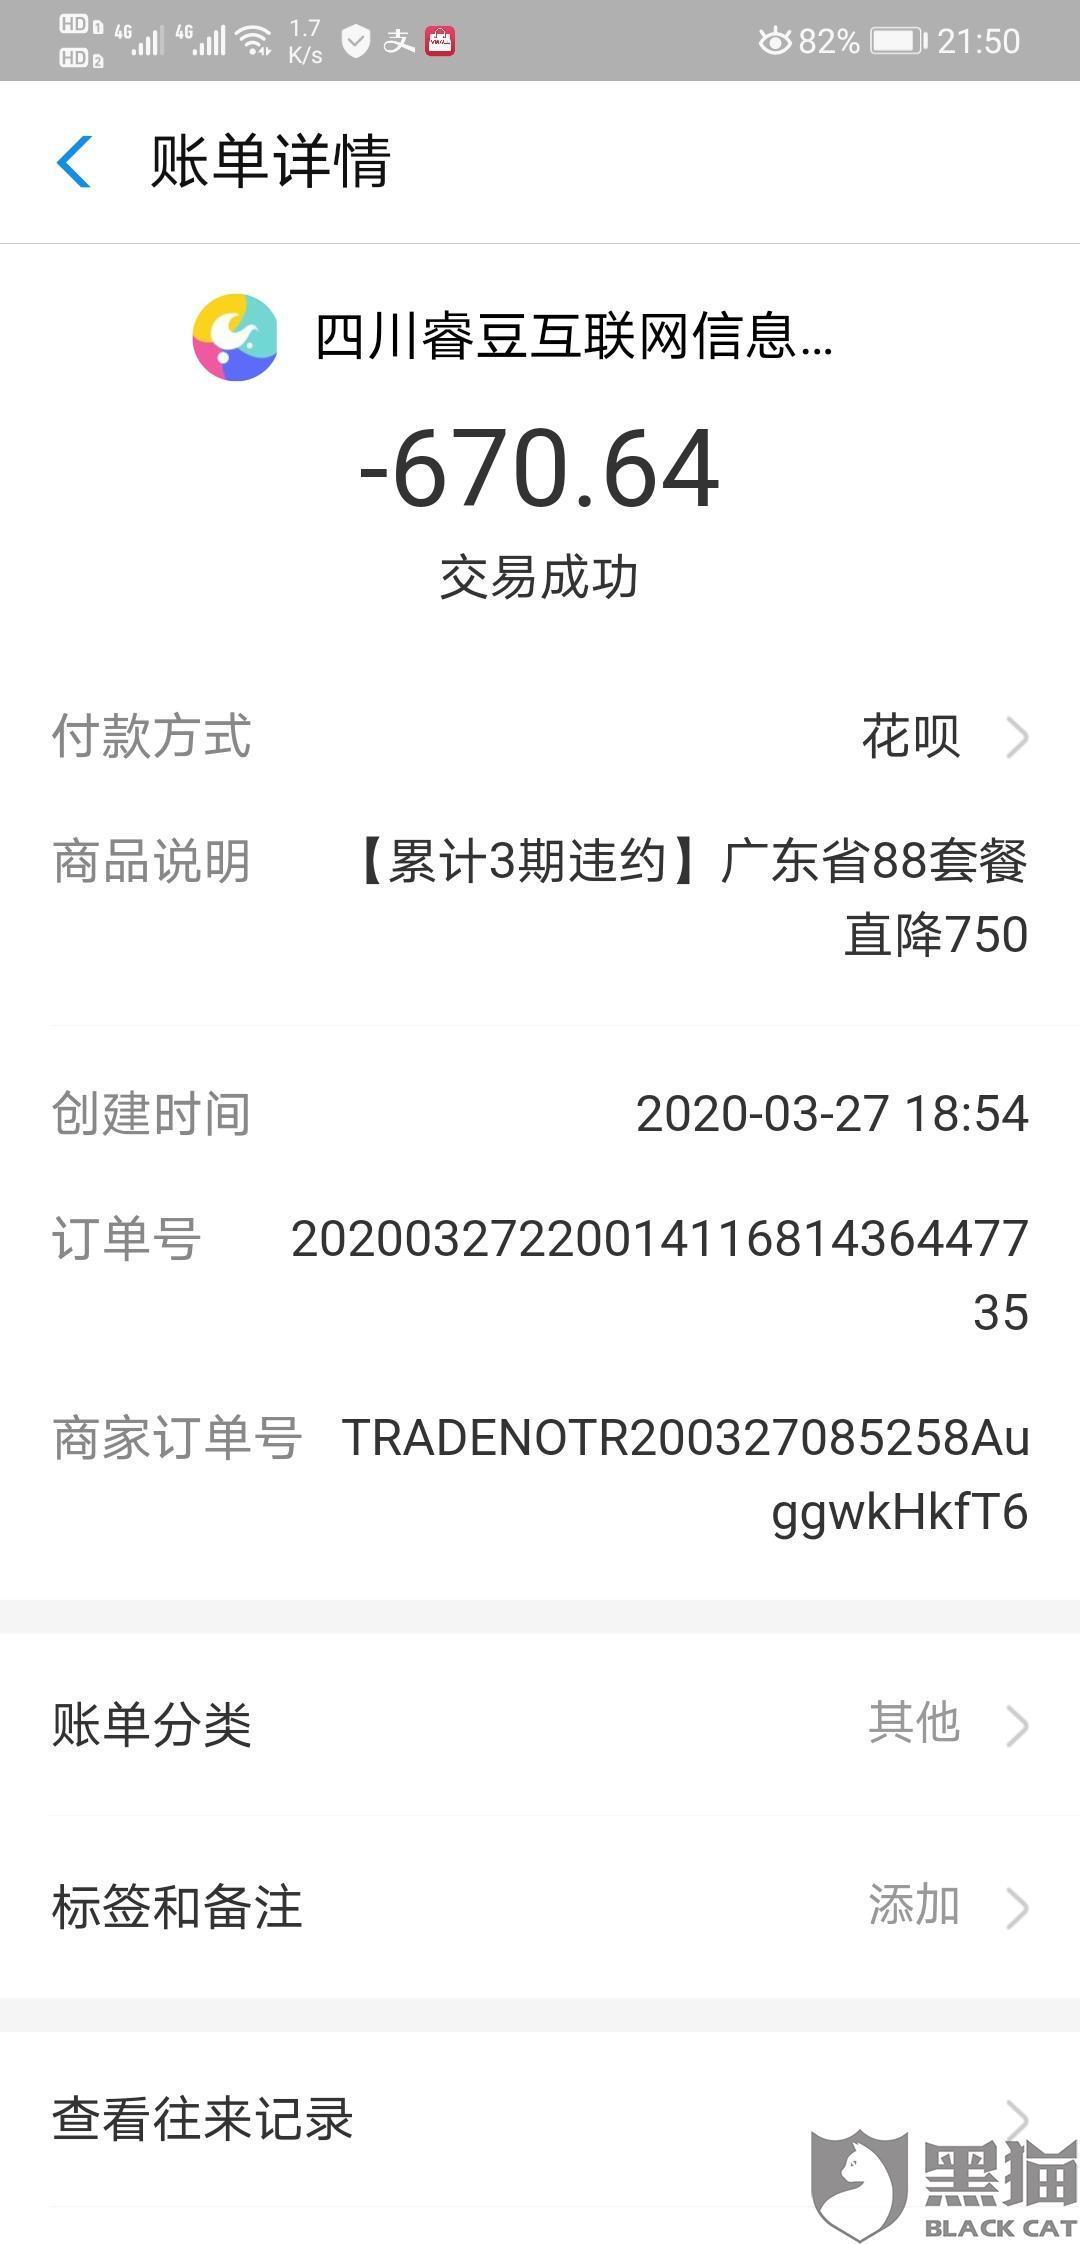 黑猫投诉:中国移动联合四川睿豆互联网信公司利用买手机优惠直降750元的名义诱骗消费者金钱